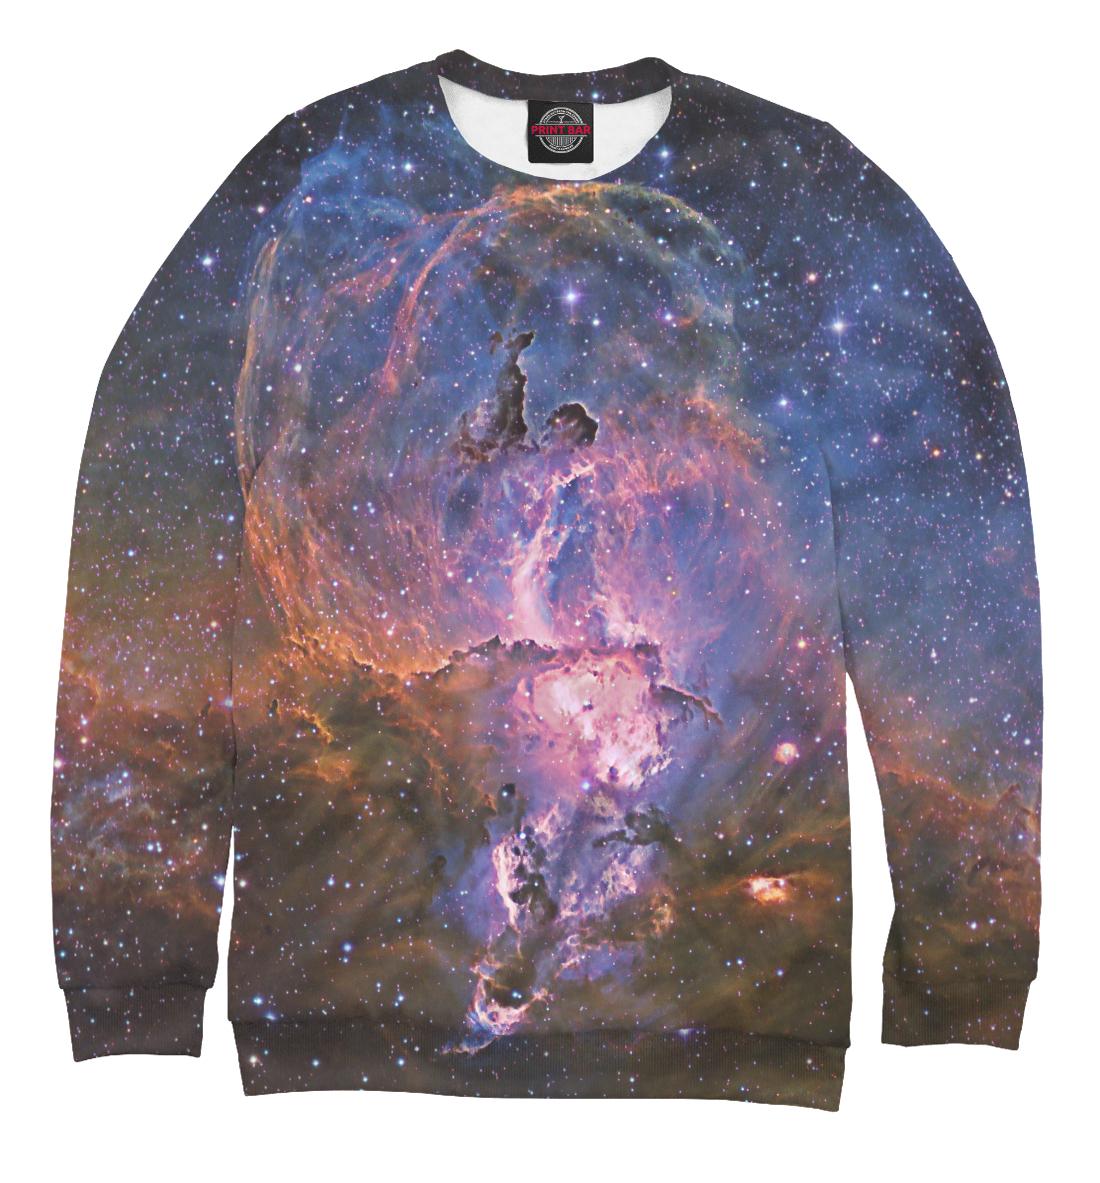 Statue of Liberty nebula / Туманность Статуя Свободы (NGC 3576)